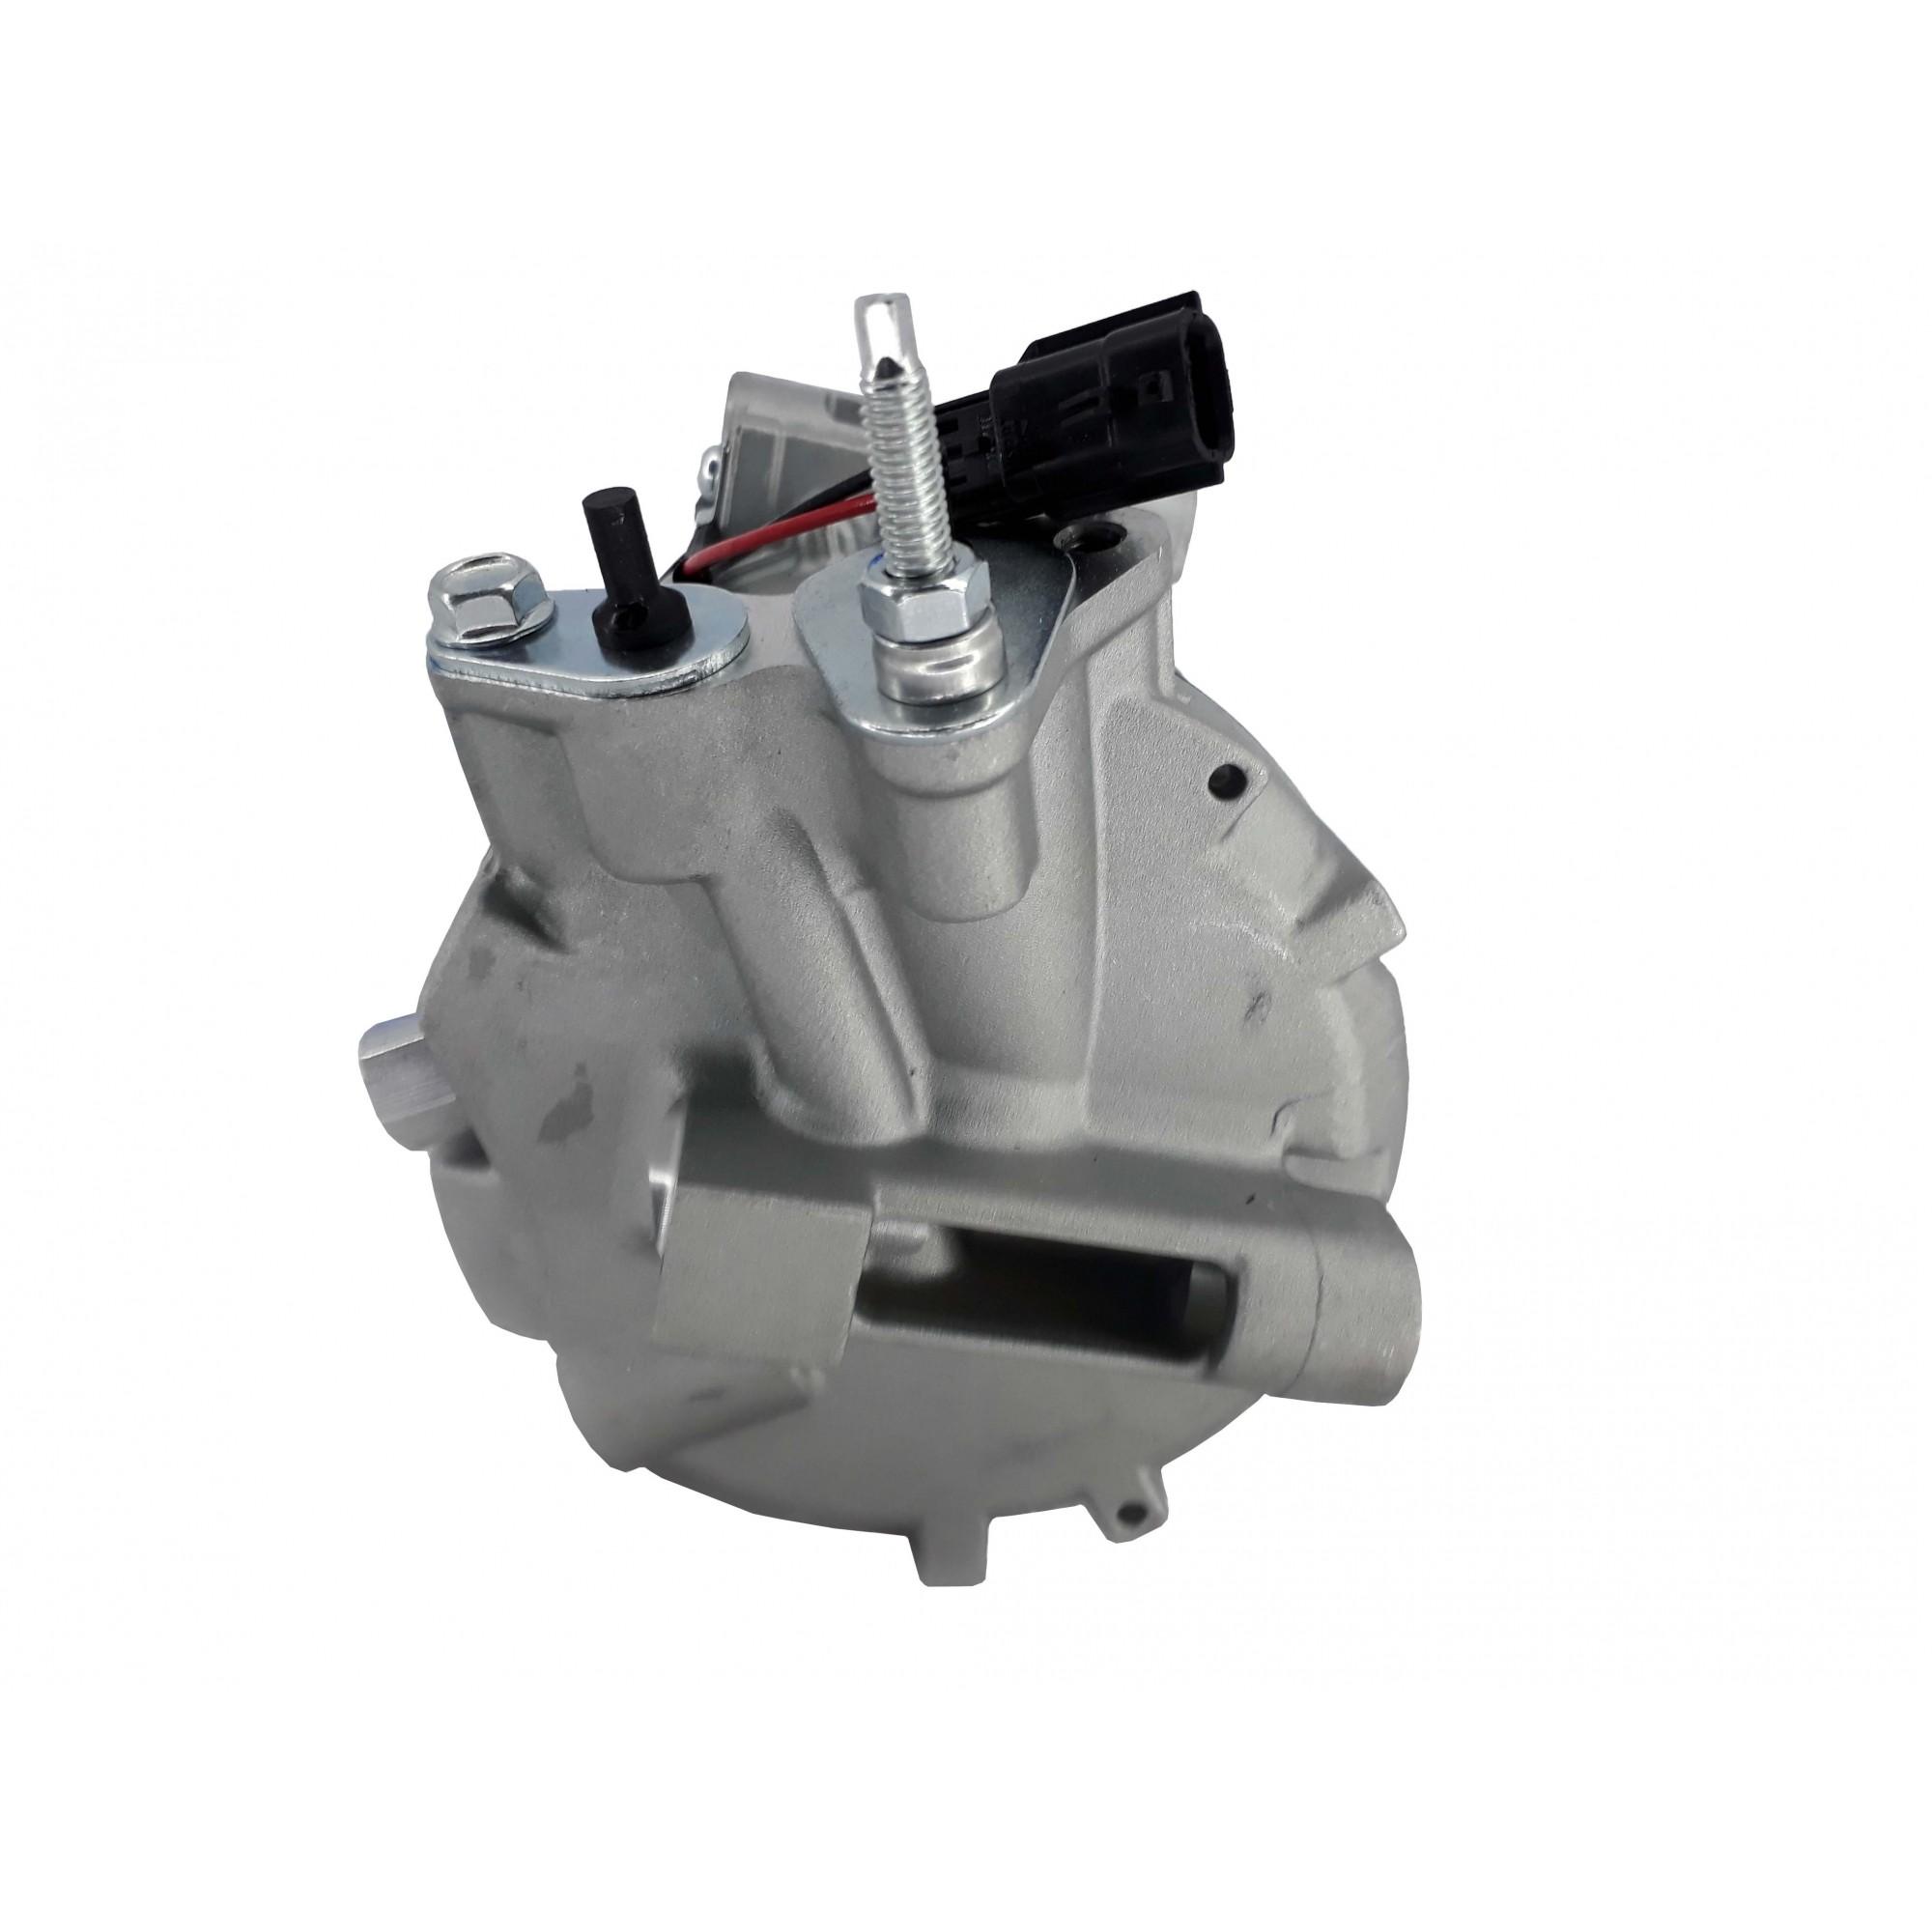 Compressor Master 2.3 ano 2013 em diante - DELPHI Original